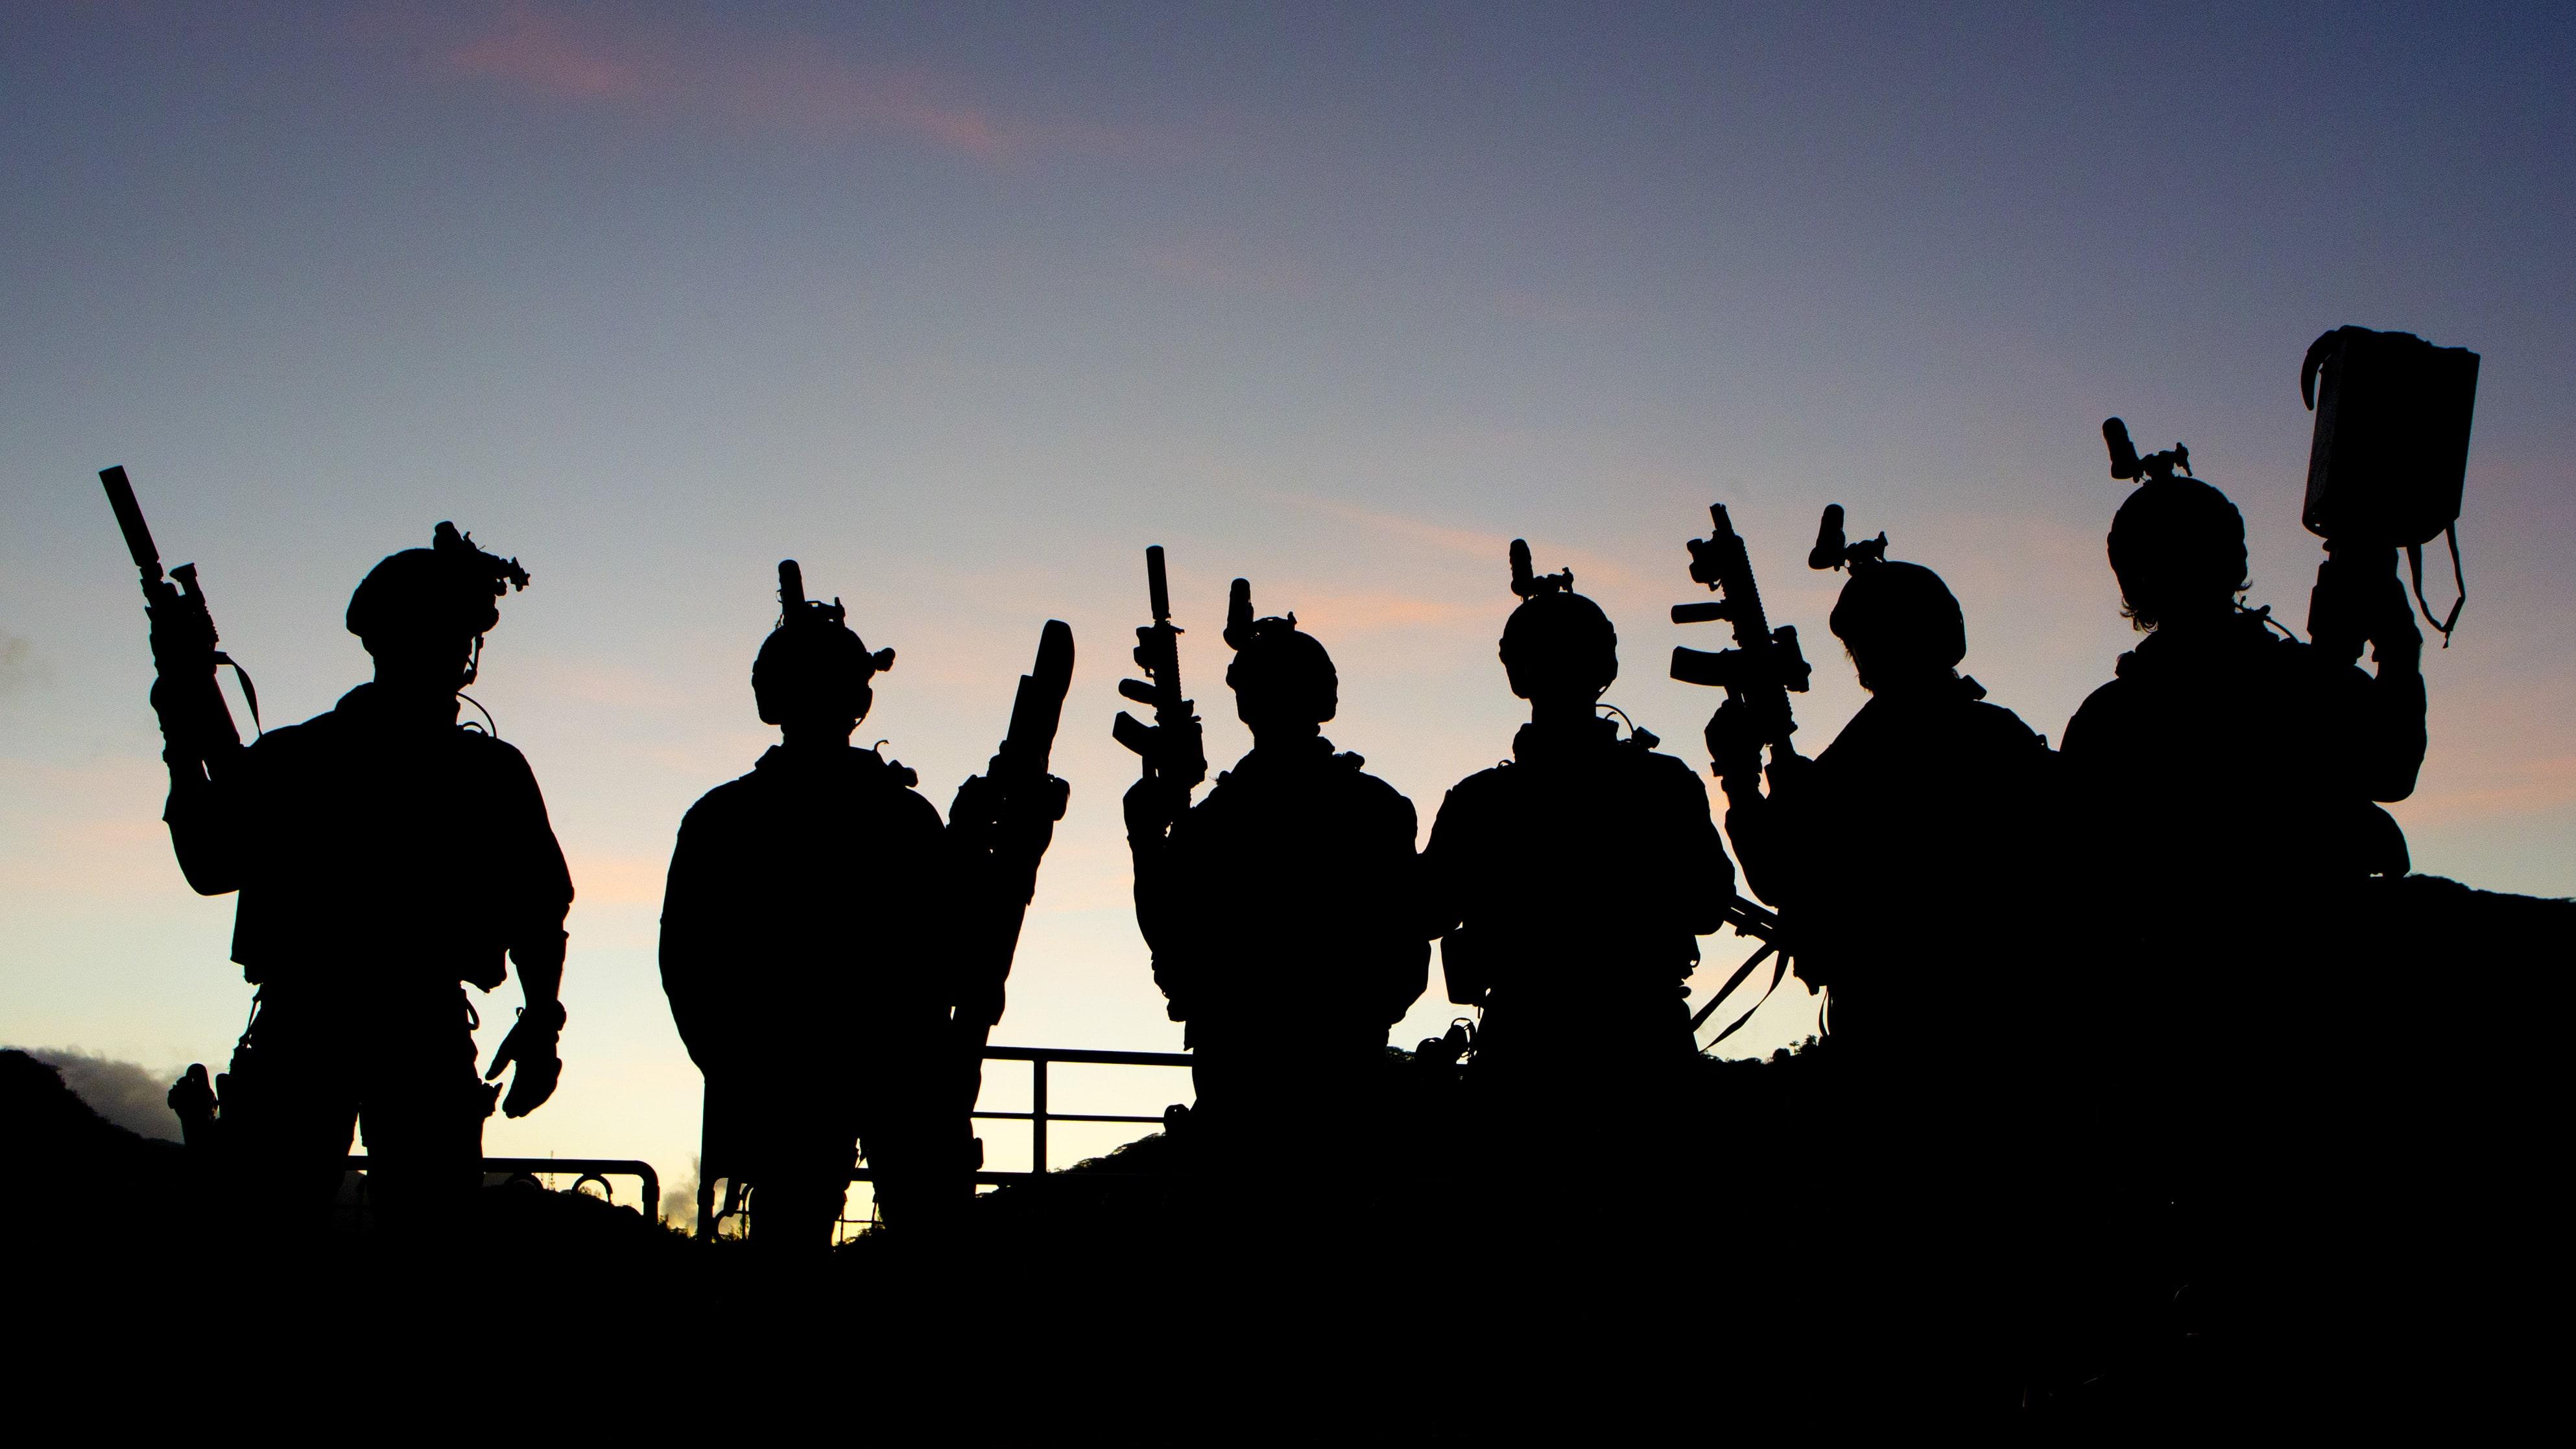 Videoland-serie MARSOF: special forces van Nederland